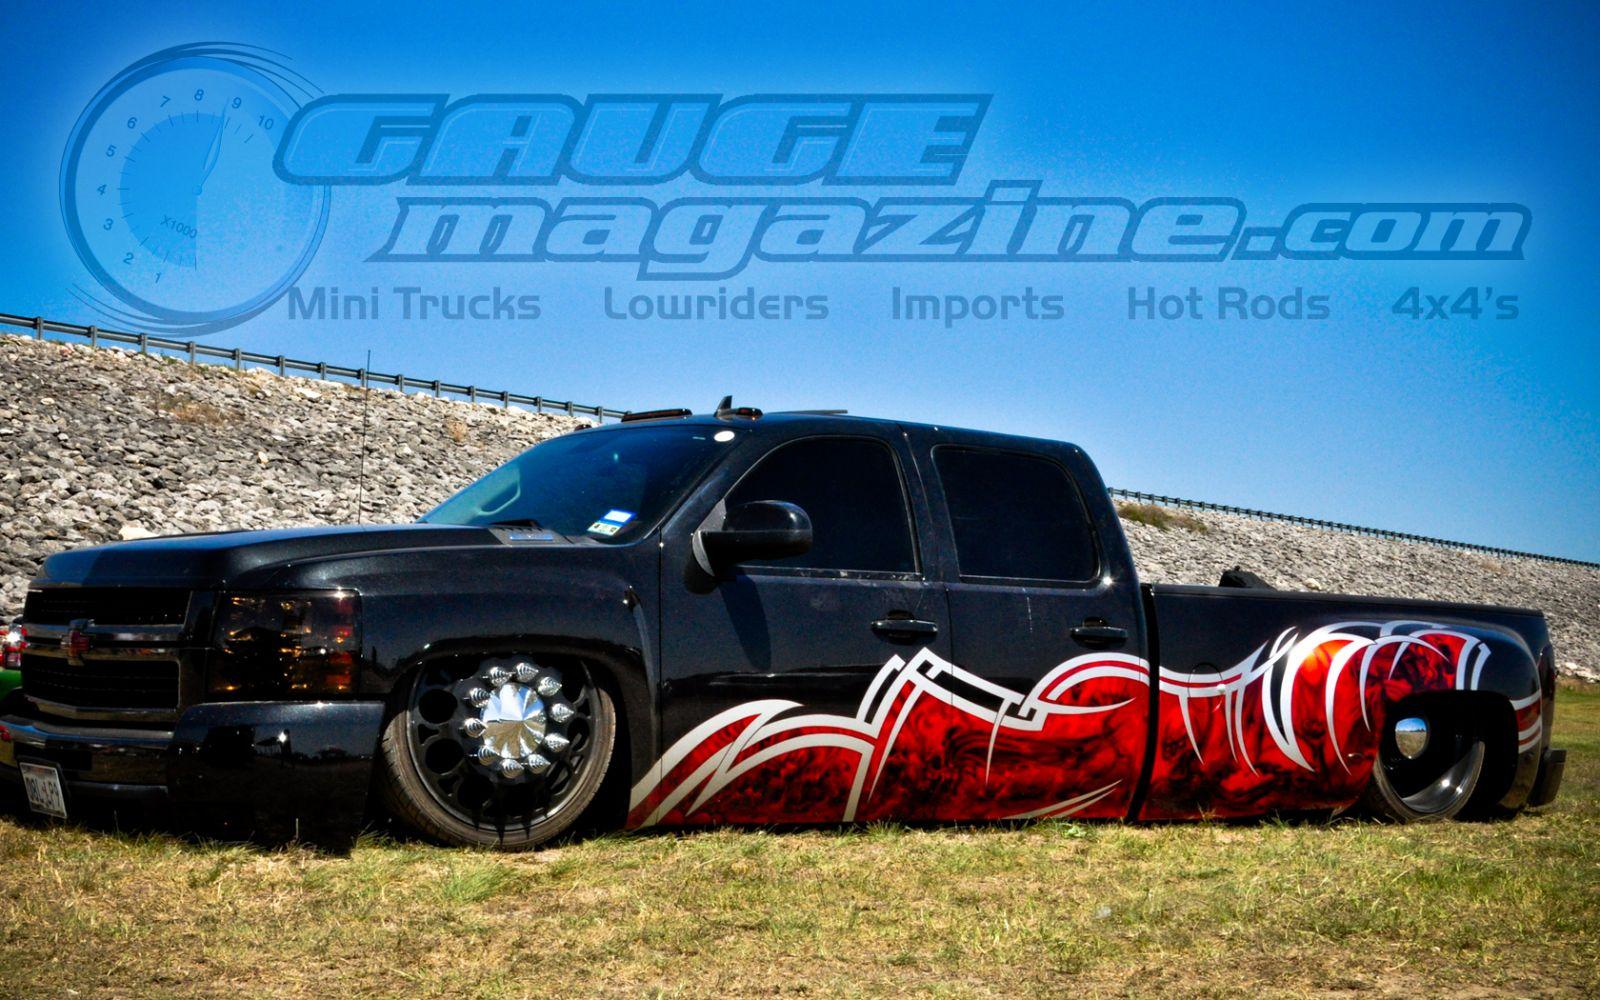 Dropped Truck Wallpaper - WallpaperSafari